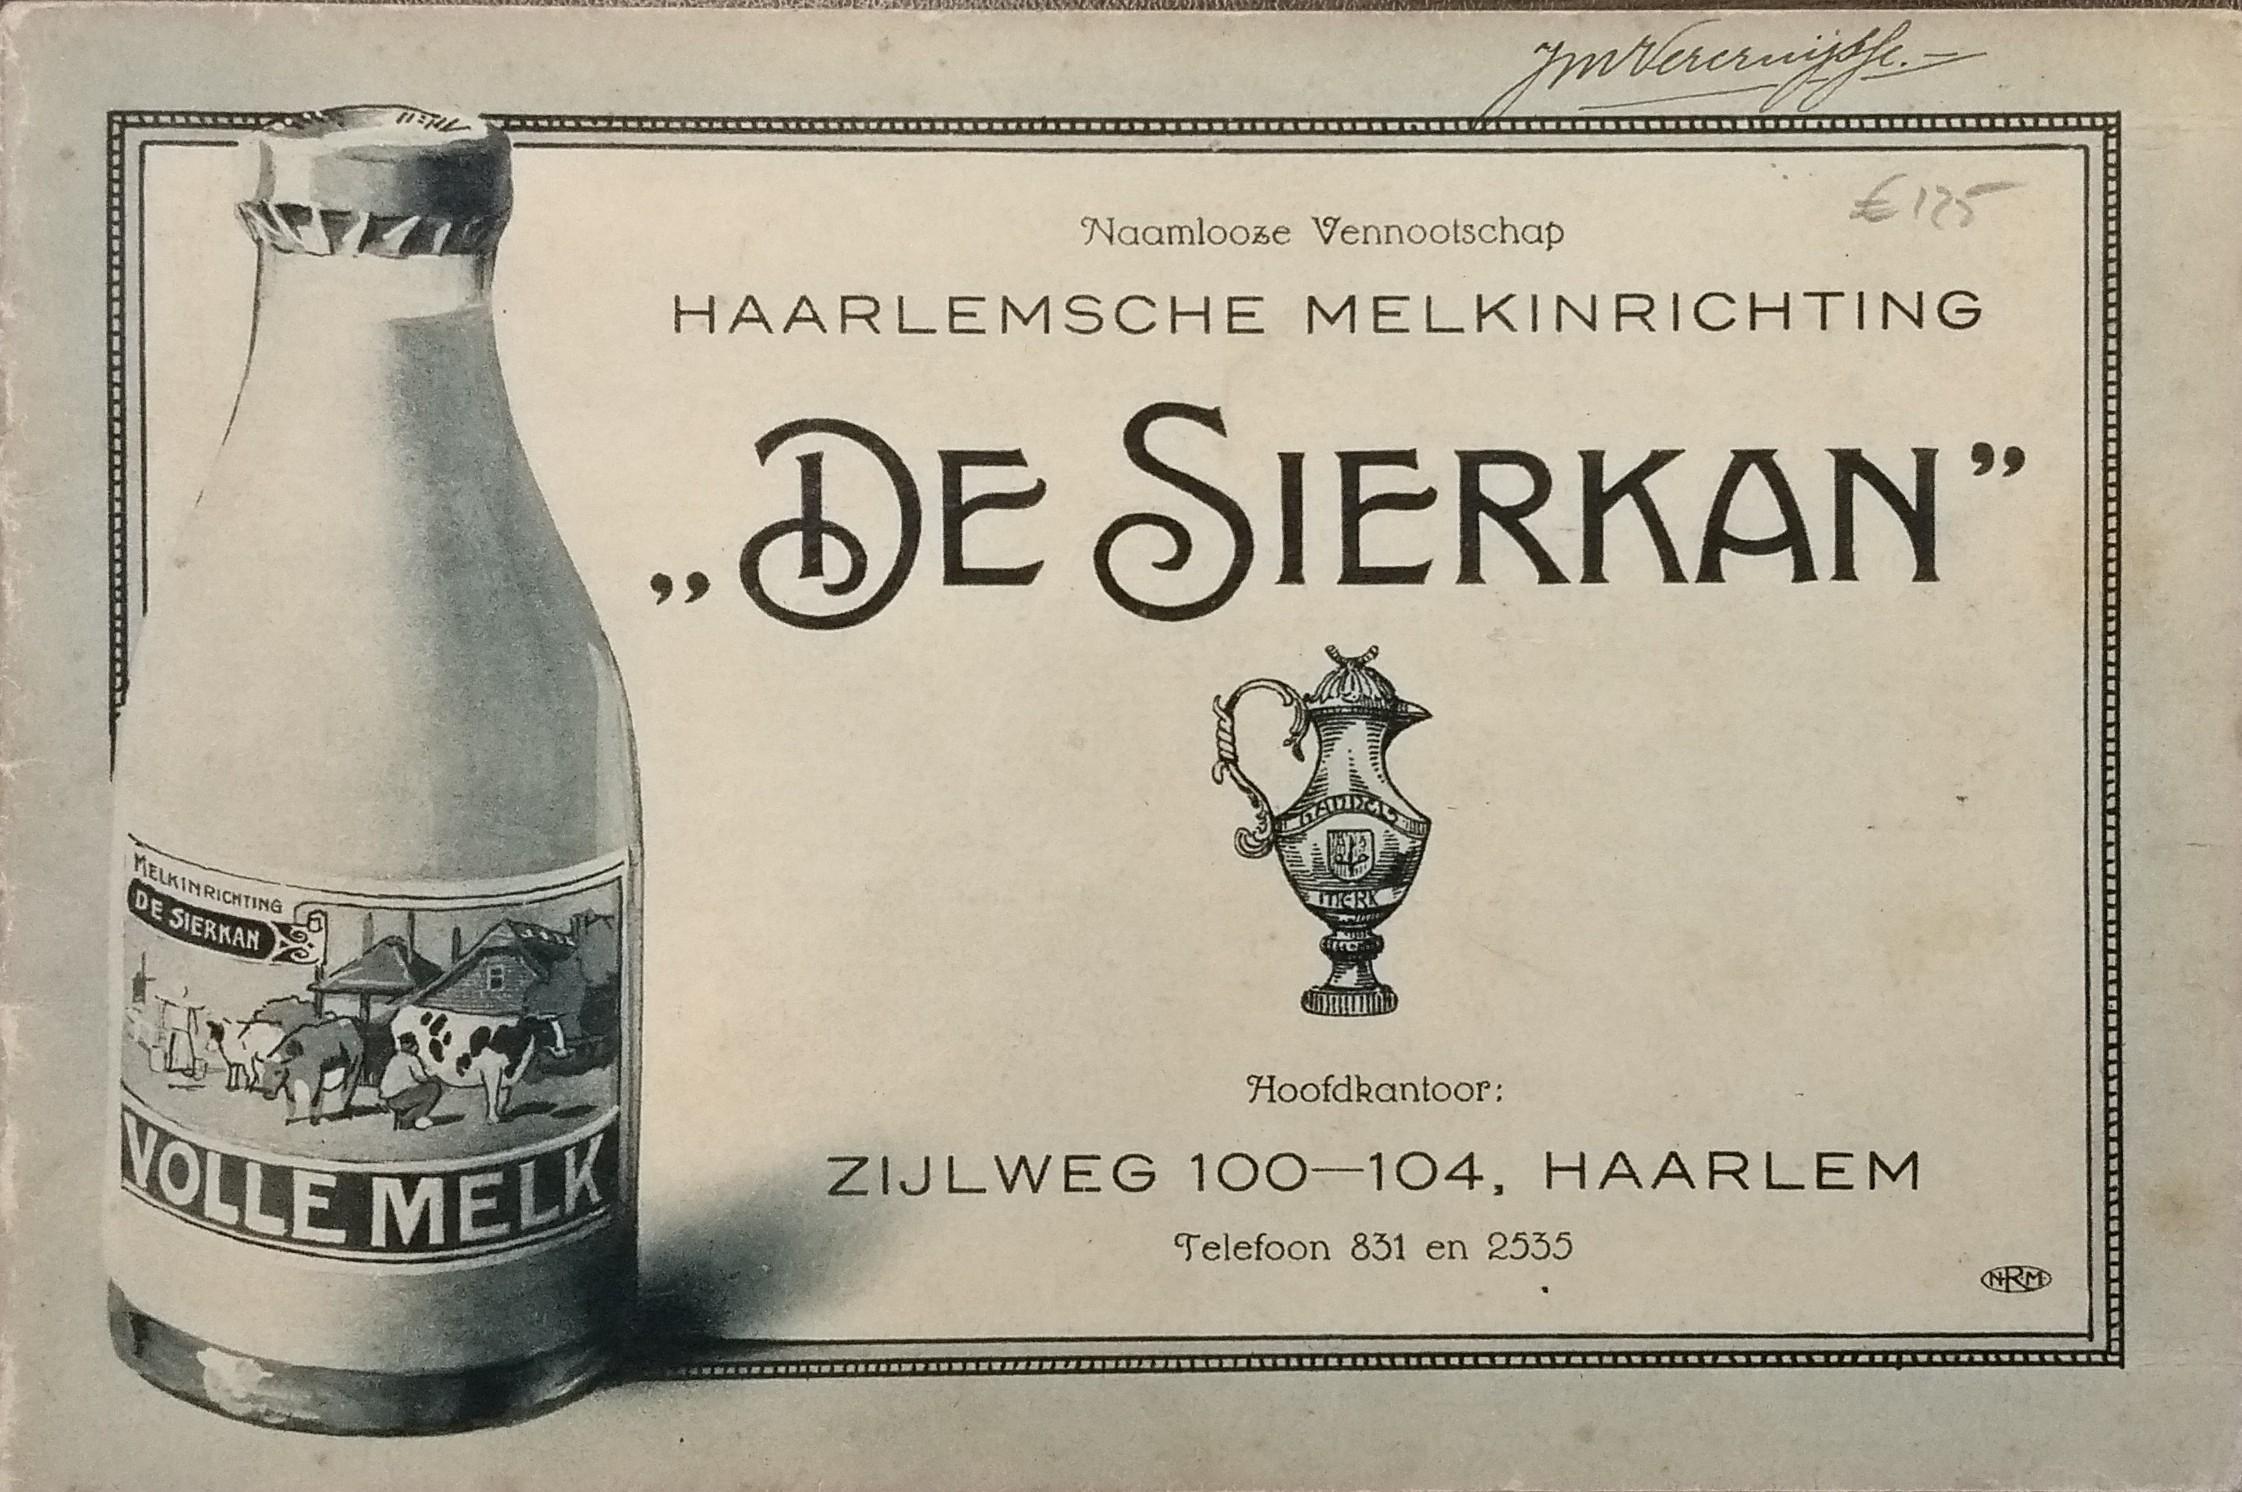 Naamloze Vennootschap Haarlemsche Melkinrichting De Sierkan